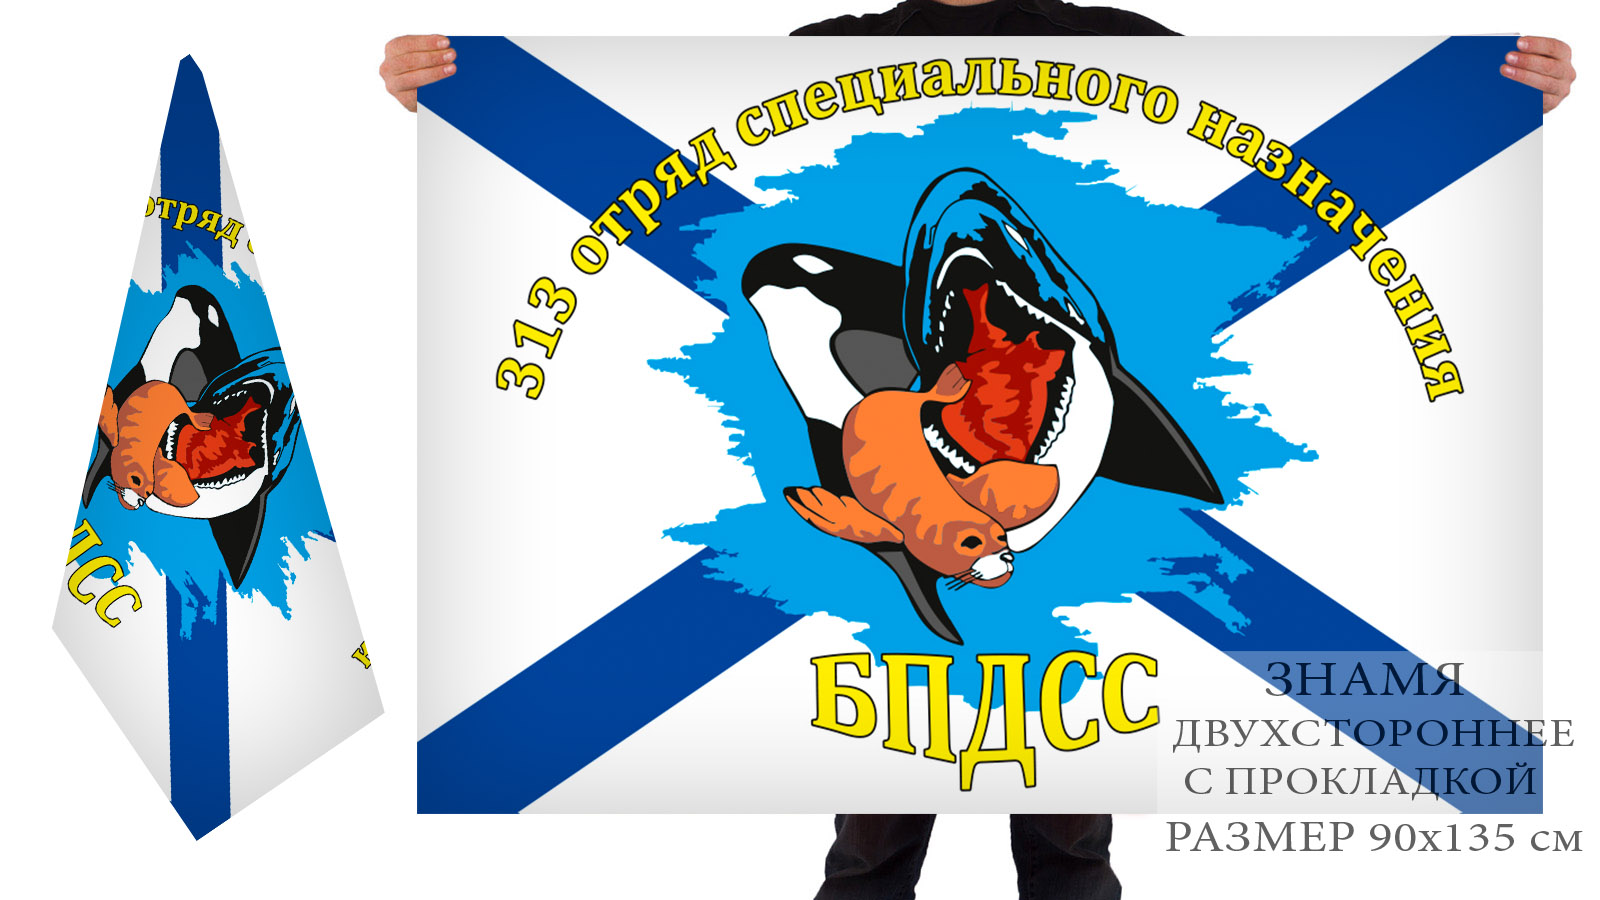 Двусторонний флаг 313 отряда спецназа ВМФ